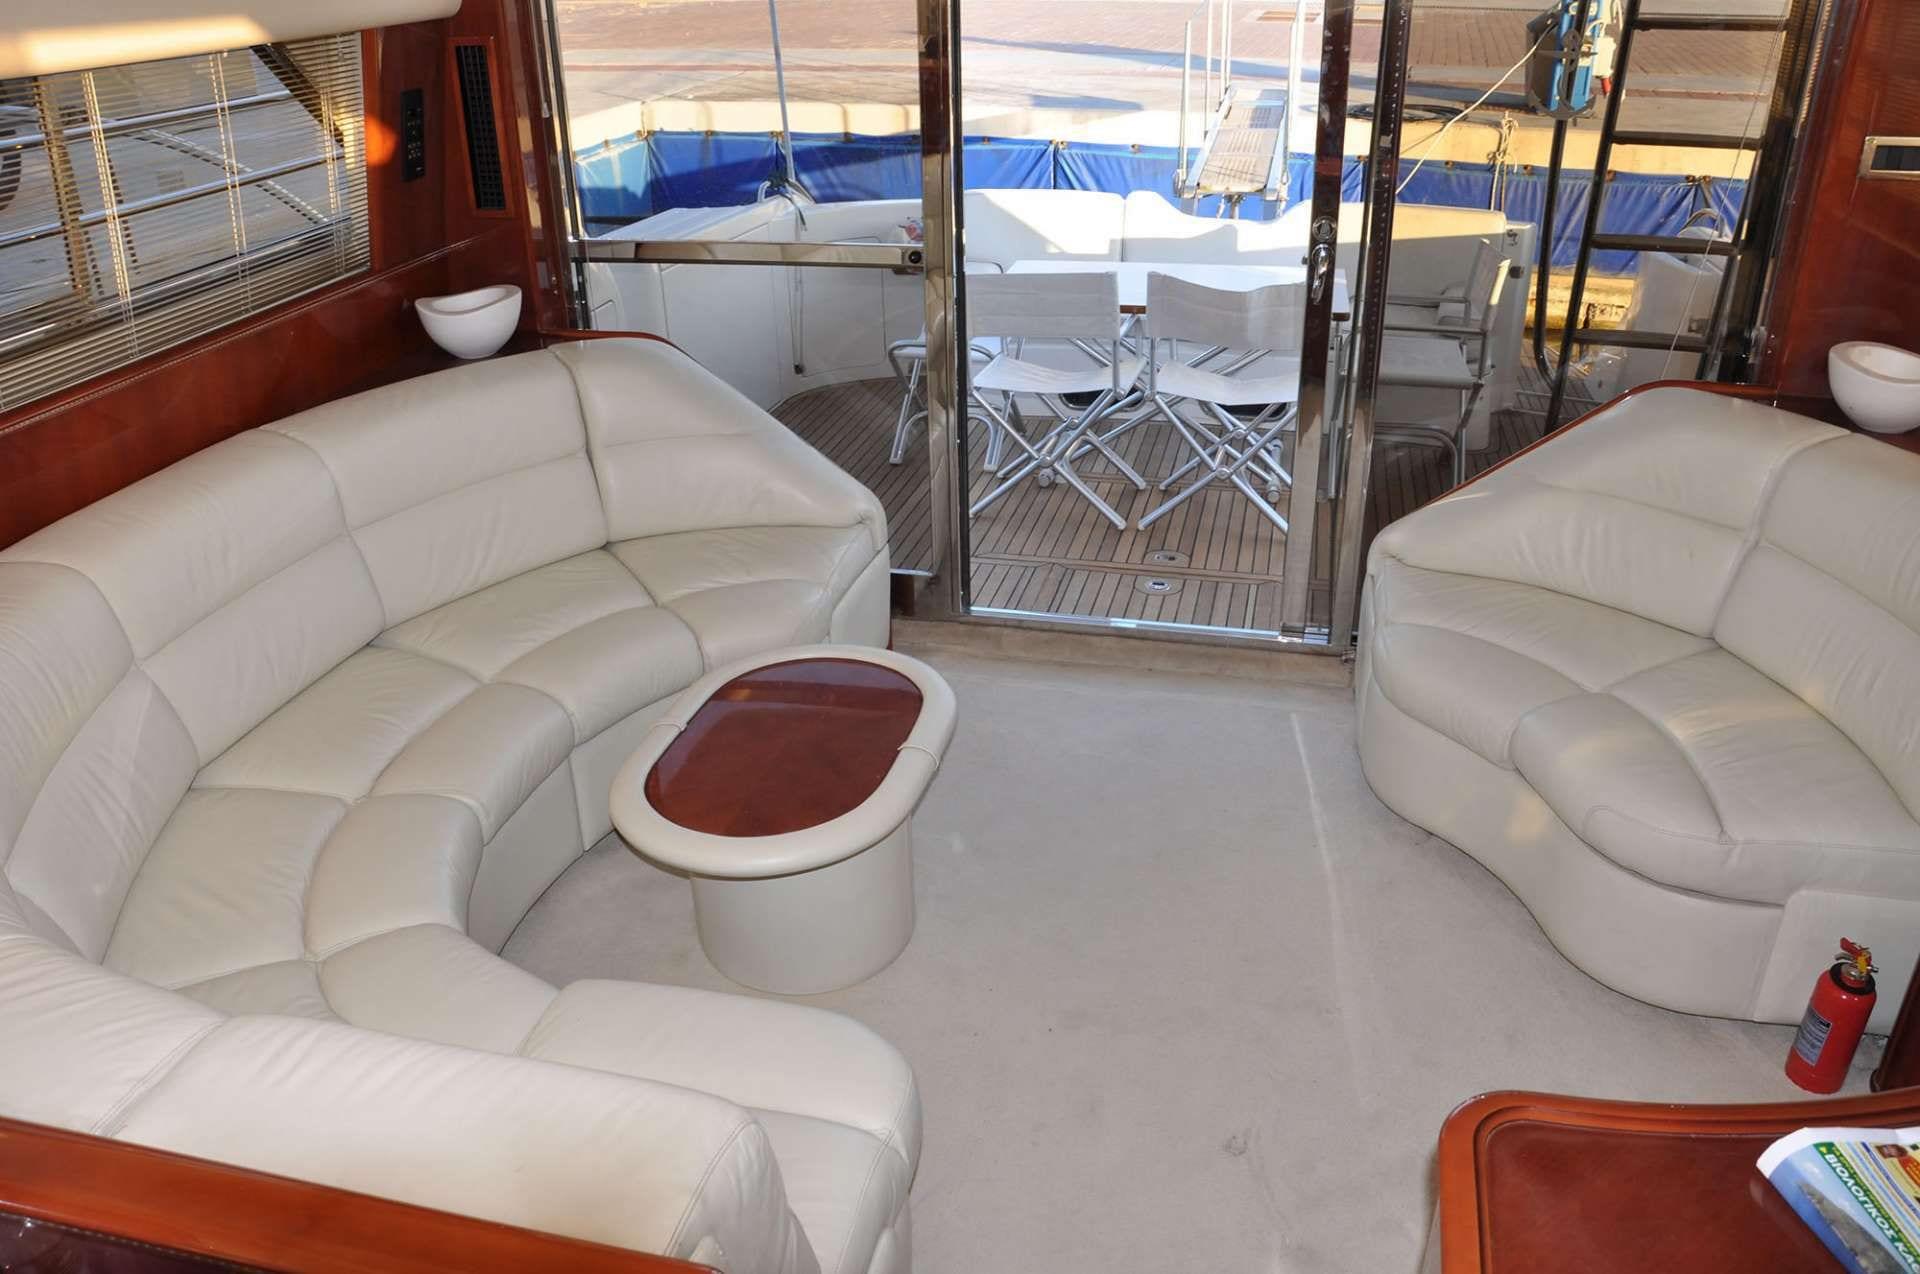 maria vek salon (2)_valef -  Valef Yachts Chartering - 5447